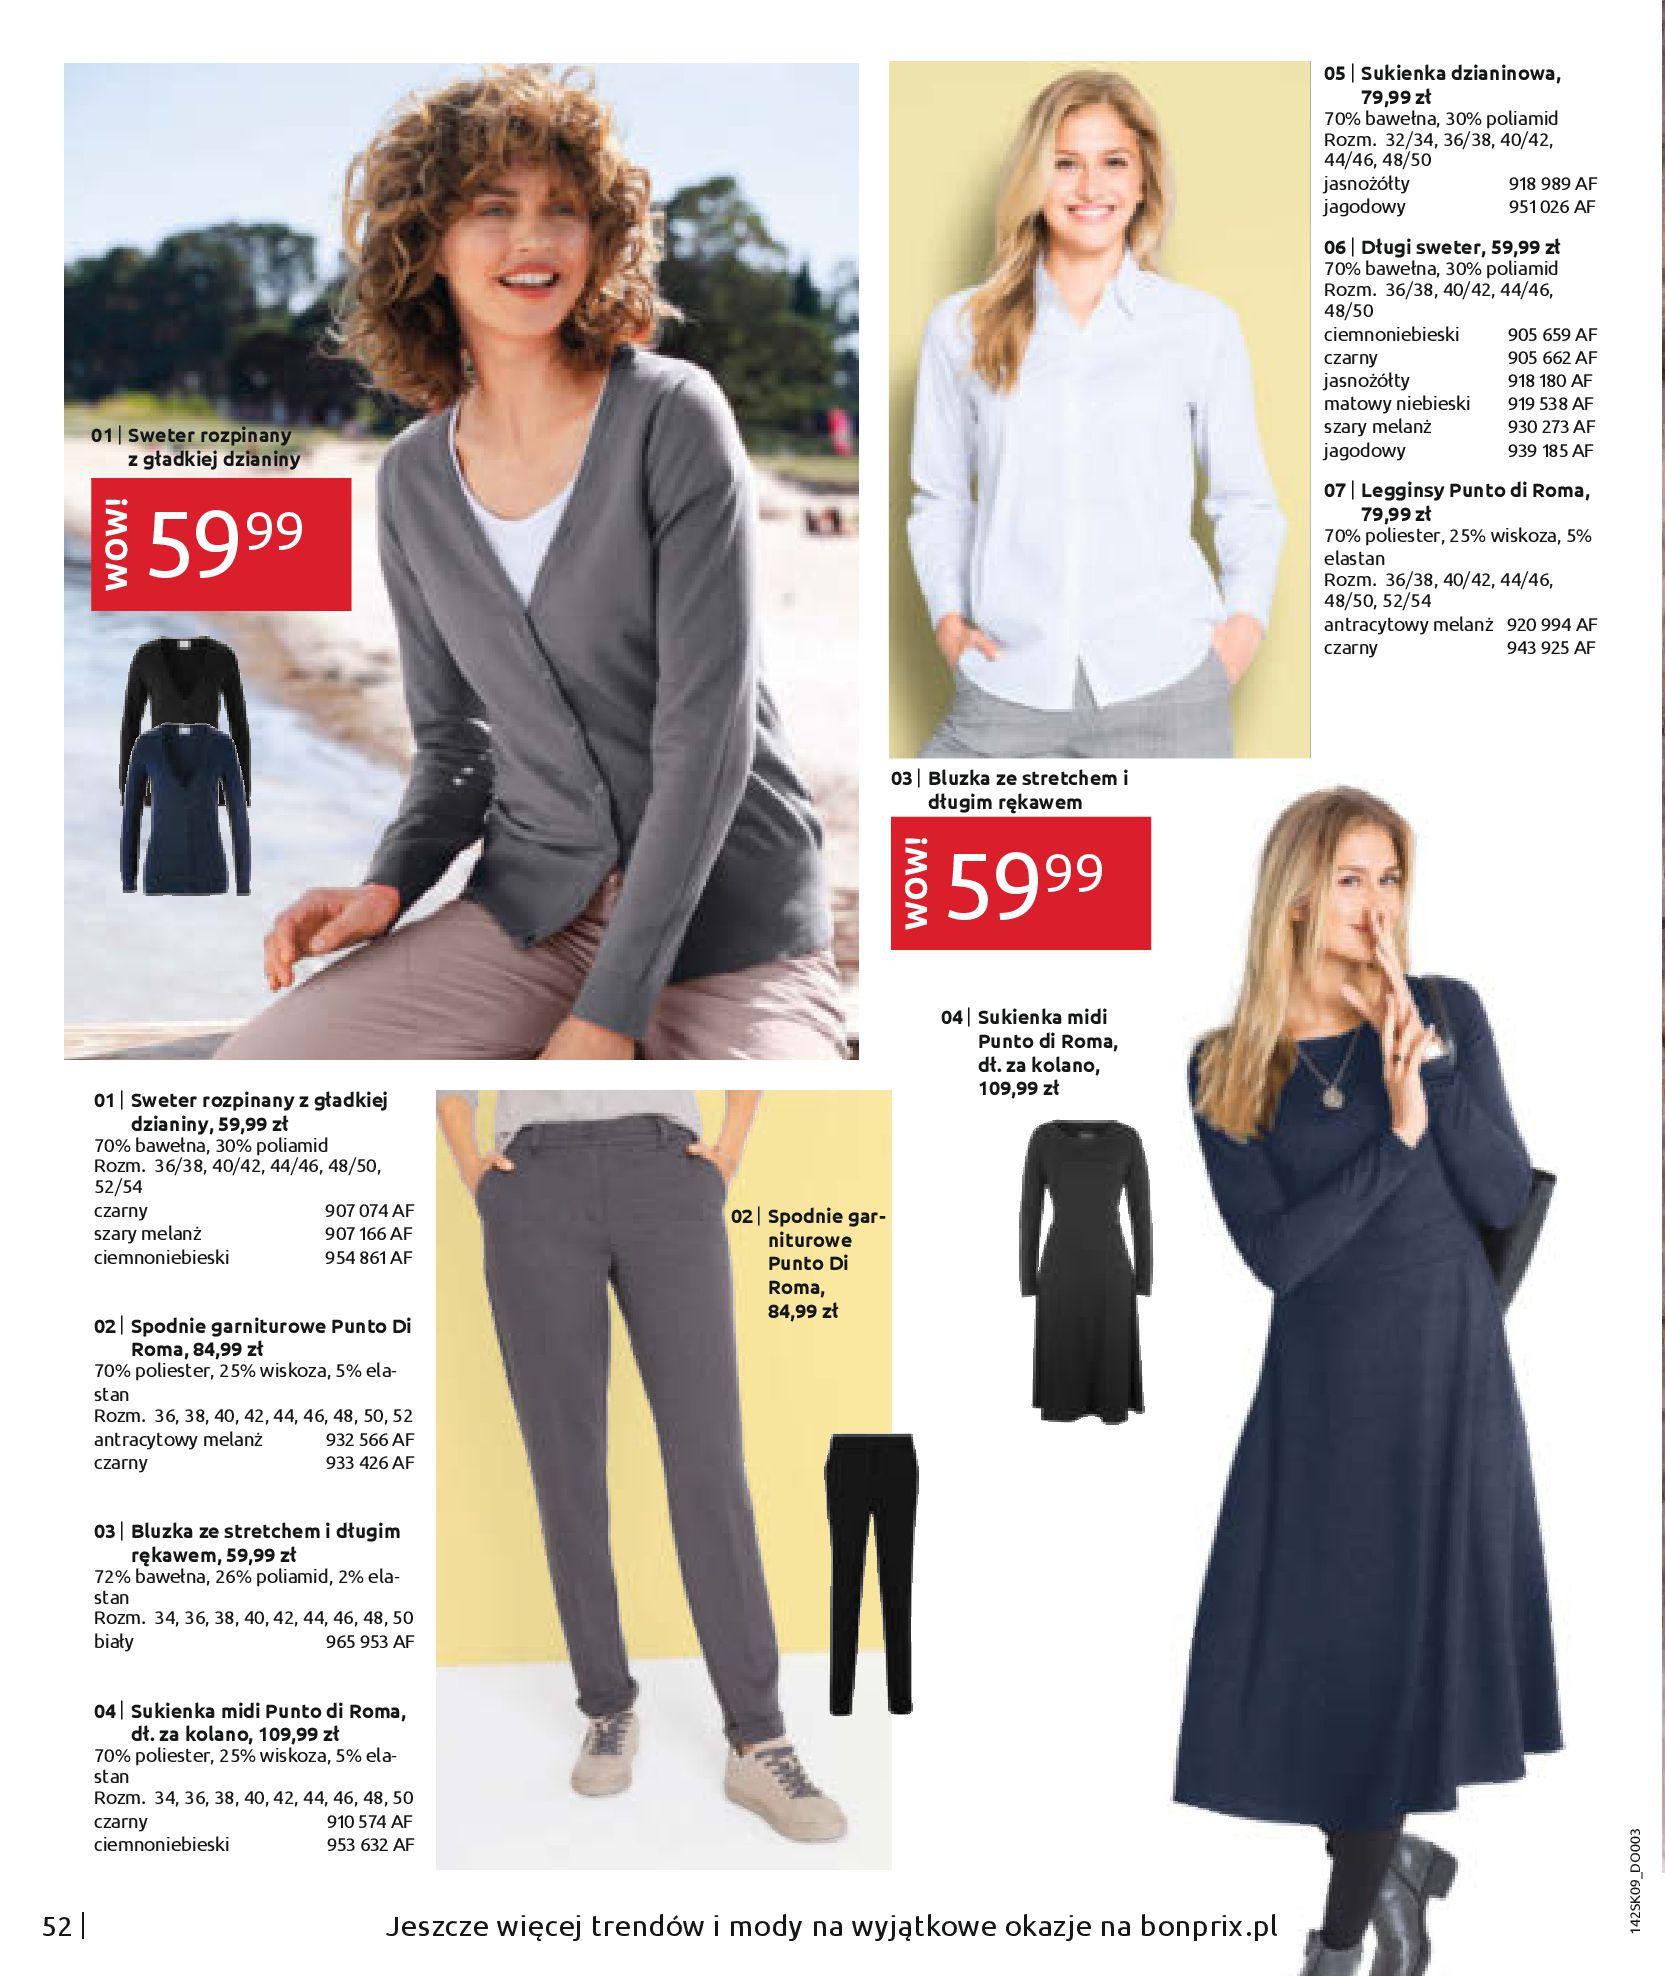 Gazetka Bonprix - Jesienny look-31.08.2020-28.02.2021-page-54